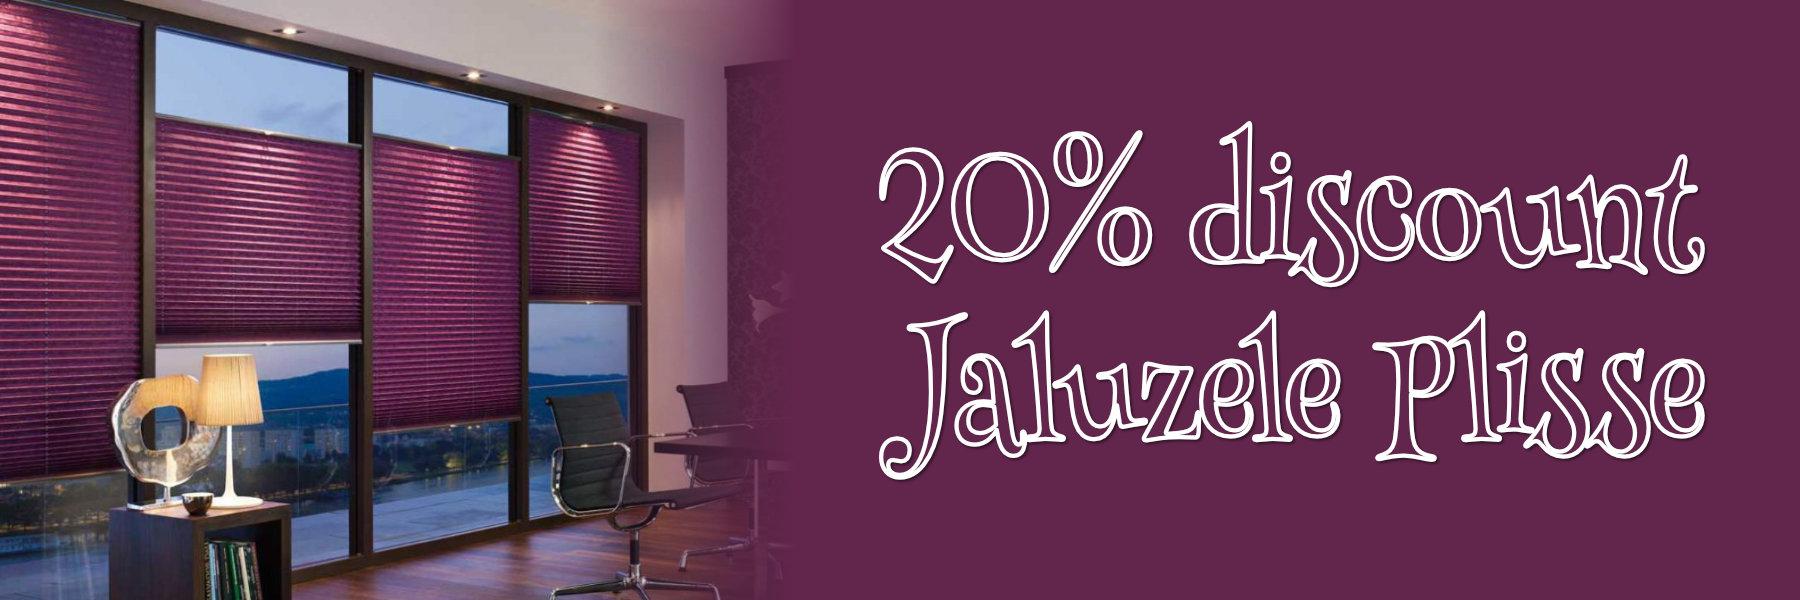 Discount Jaluzele Plisse